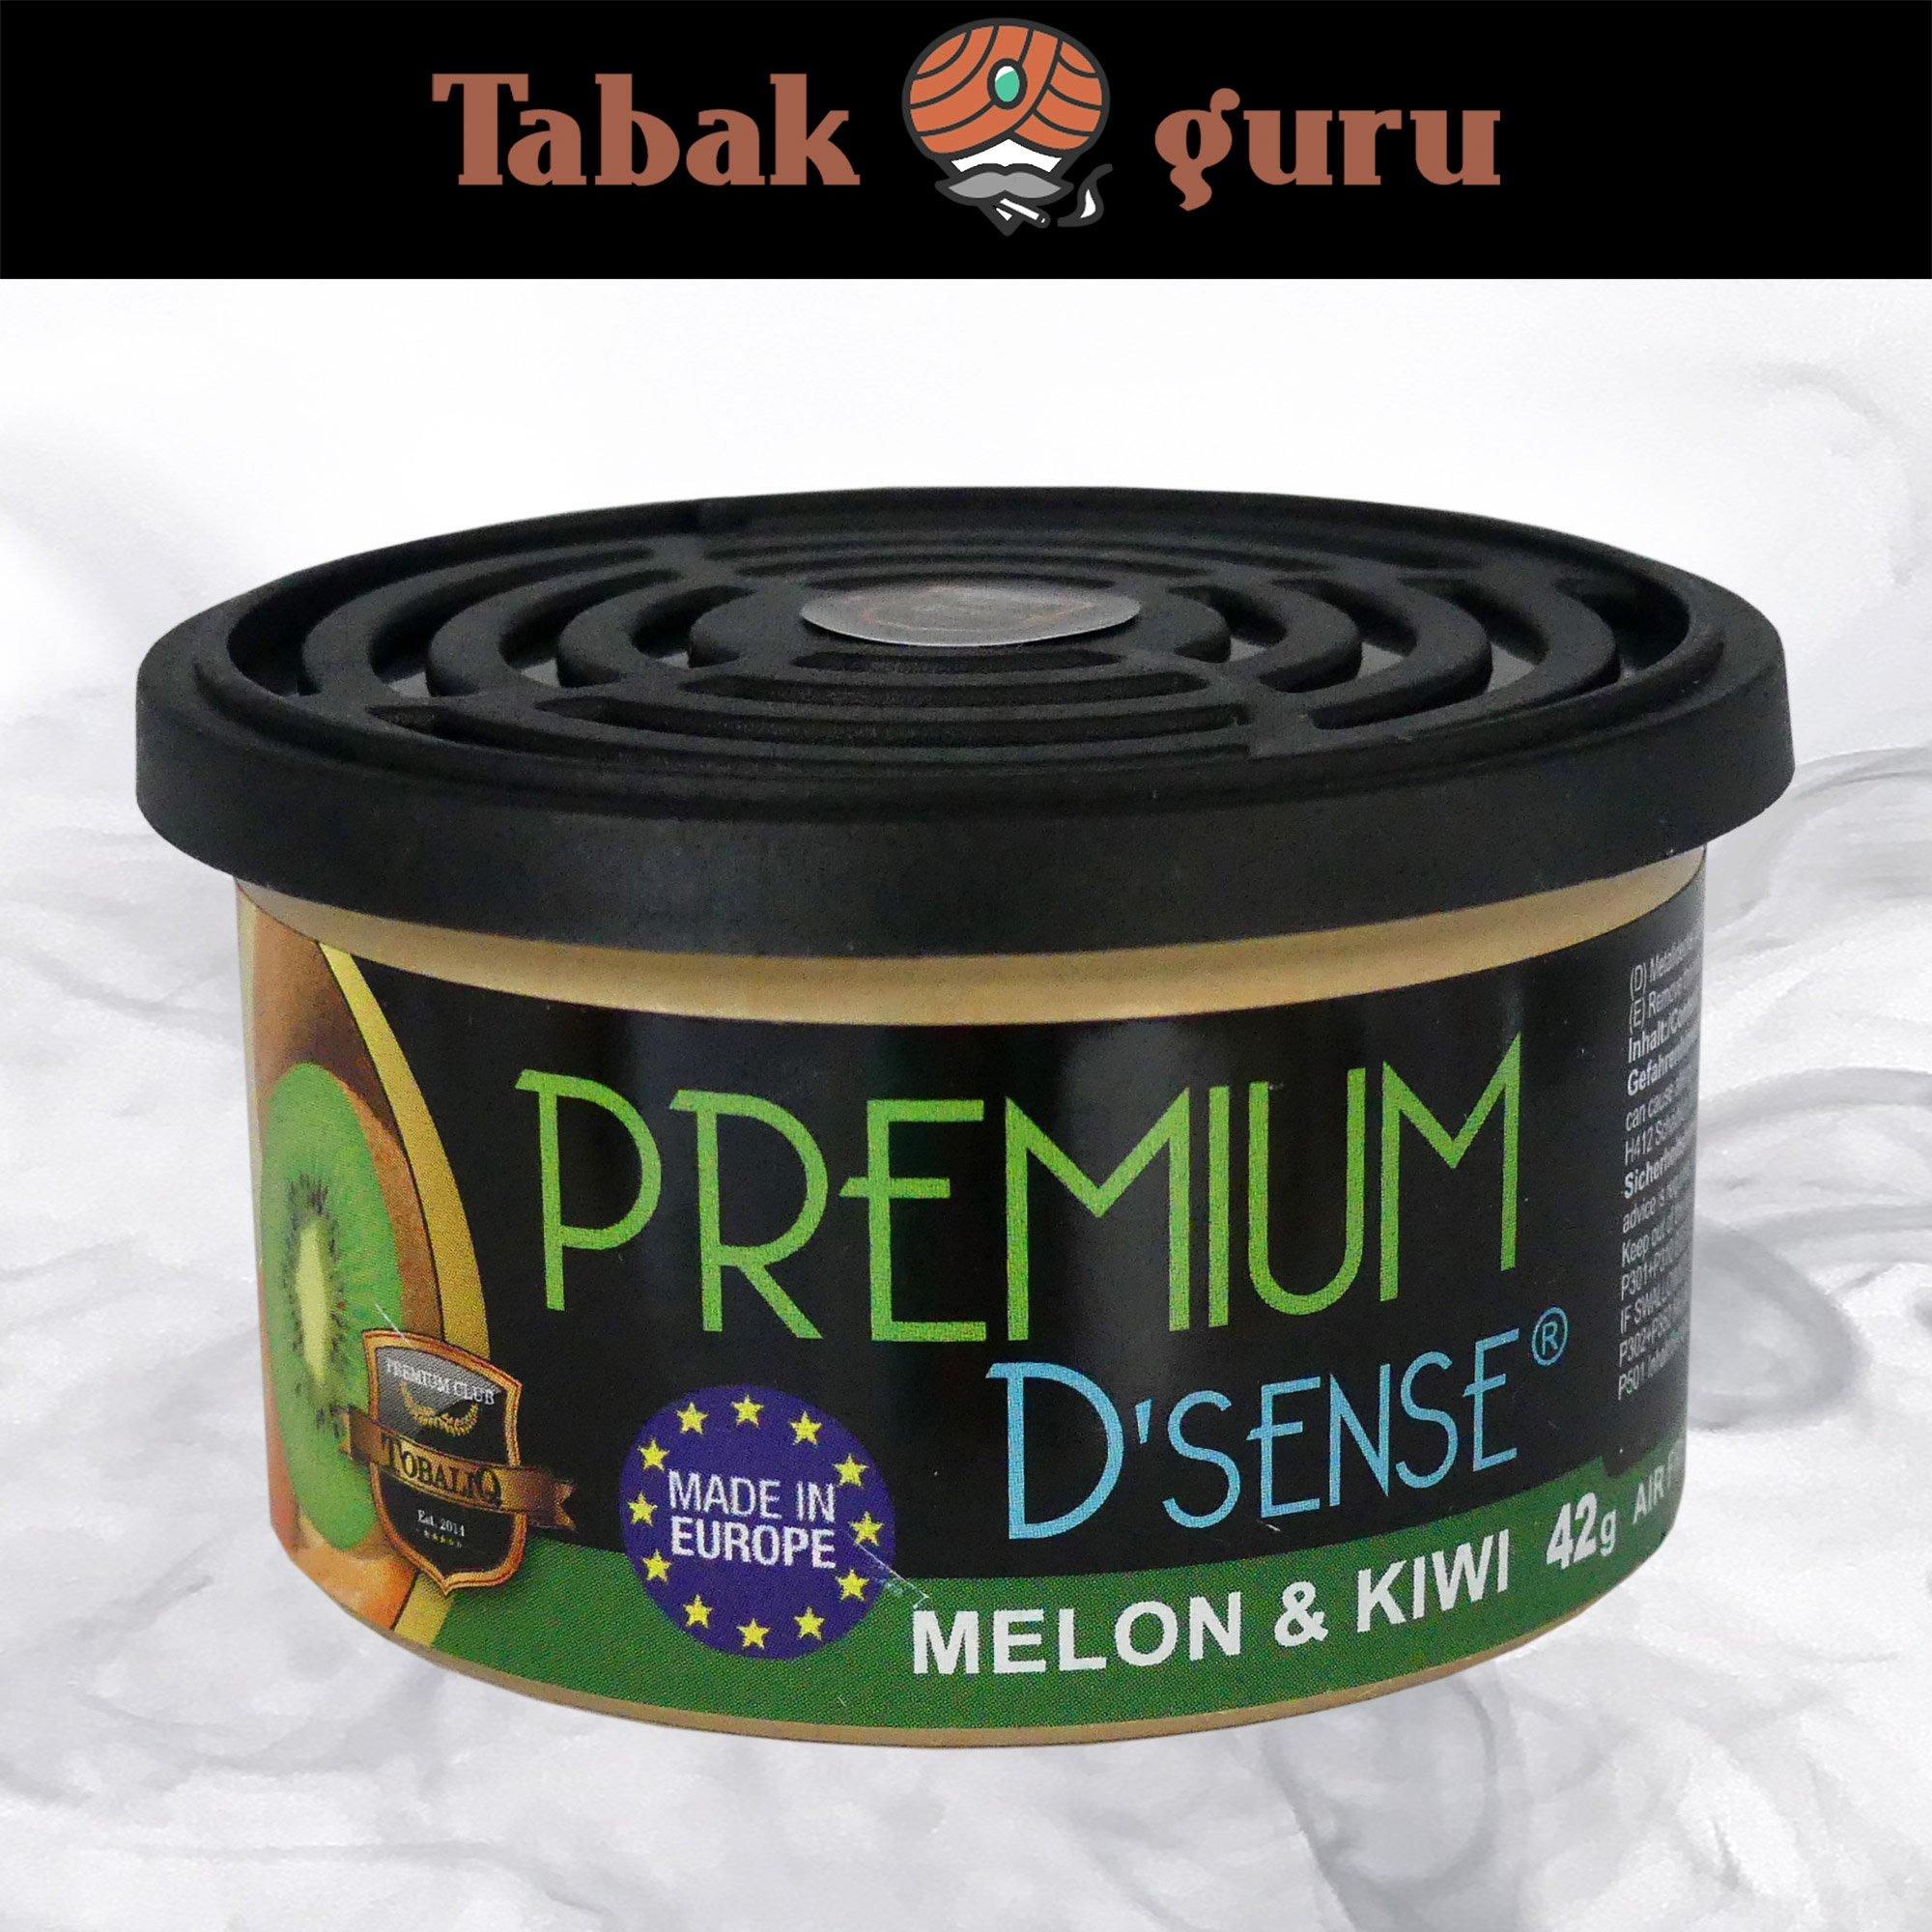 Lufterfrischer Melone & Kiwi, Premium D´sense